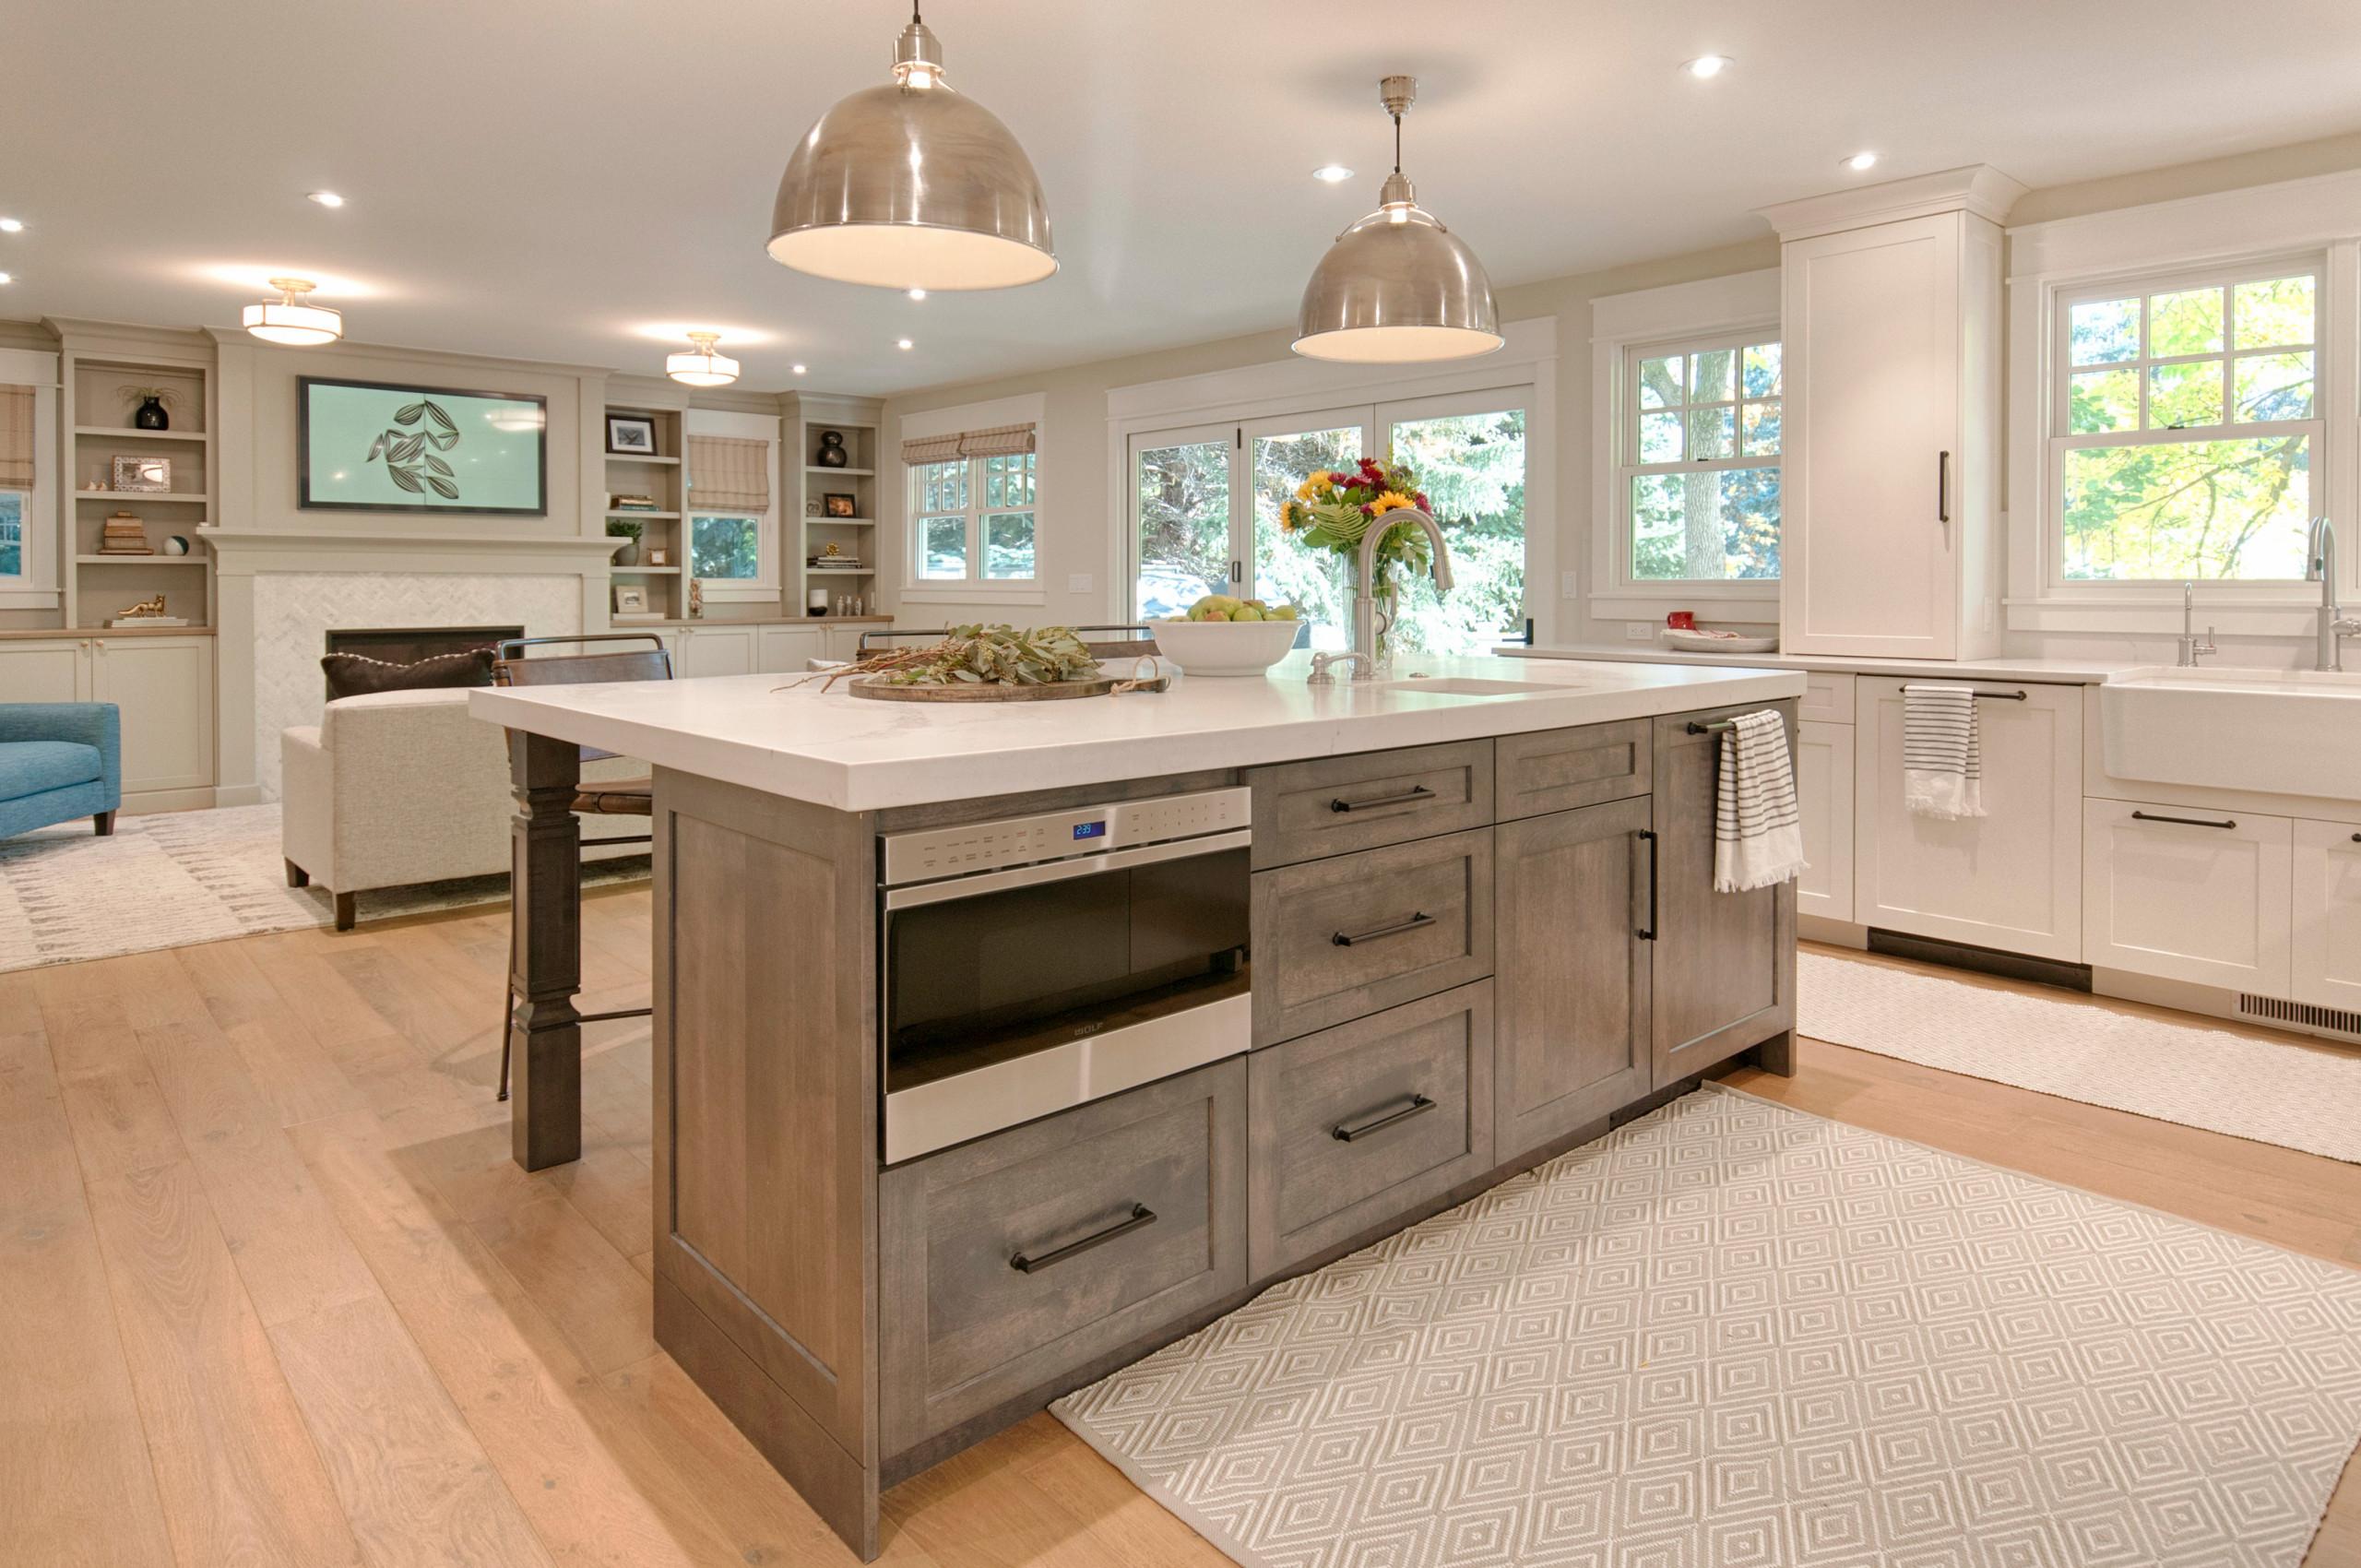 Kitchen & Living Room - After